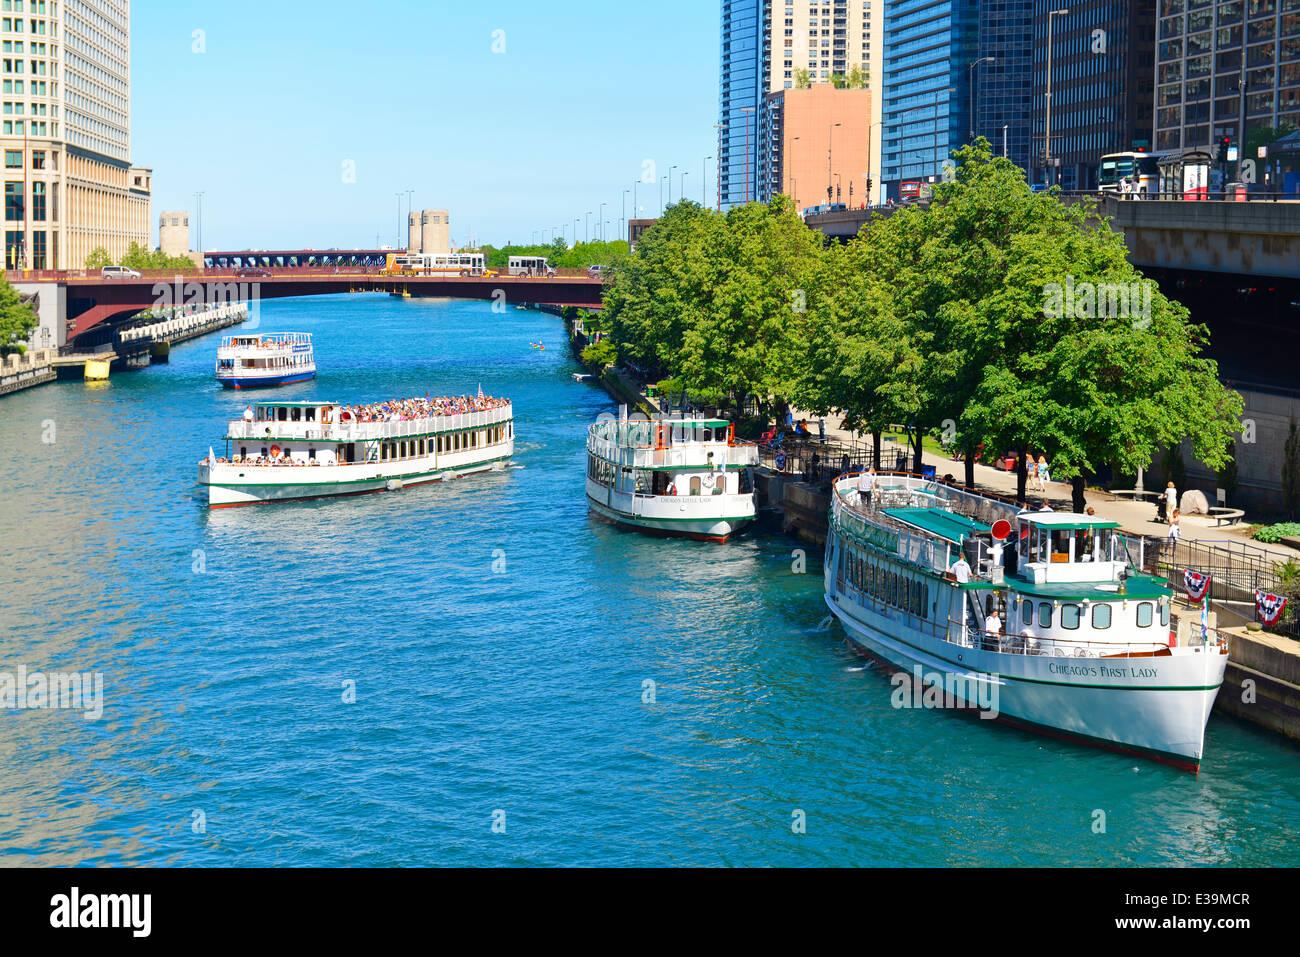 Crucero por el Río Chicago, barco turístico, barcos a lo largo del famoso Riverwalk de Chicago, Illinois, Imagen De Stock